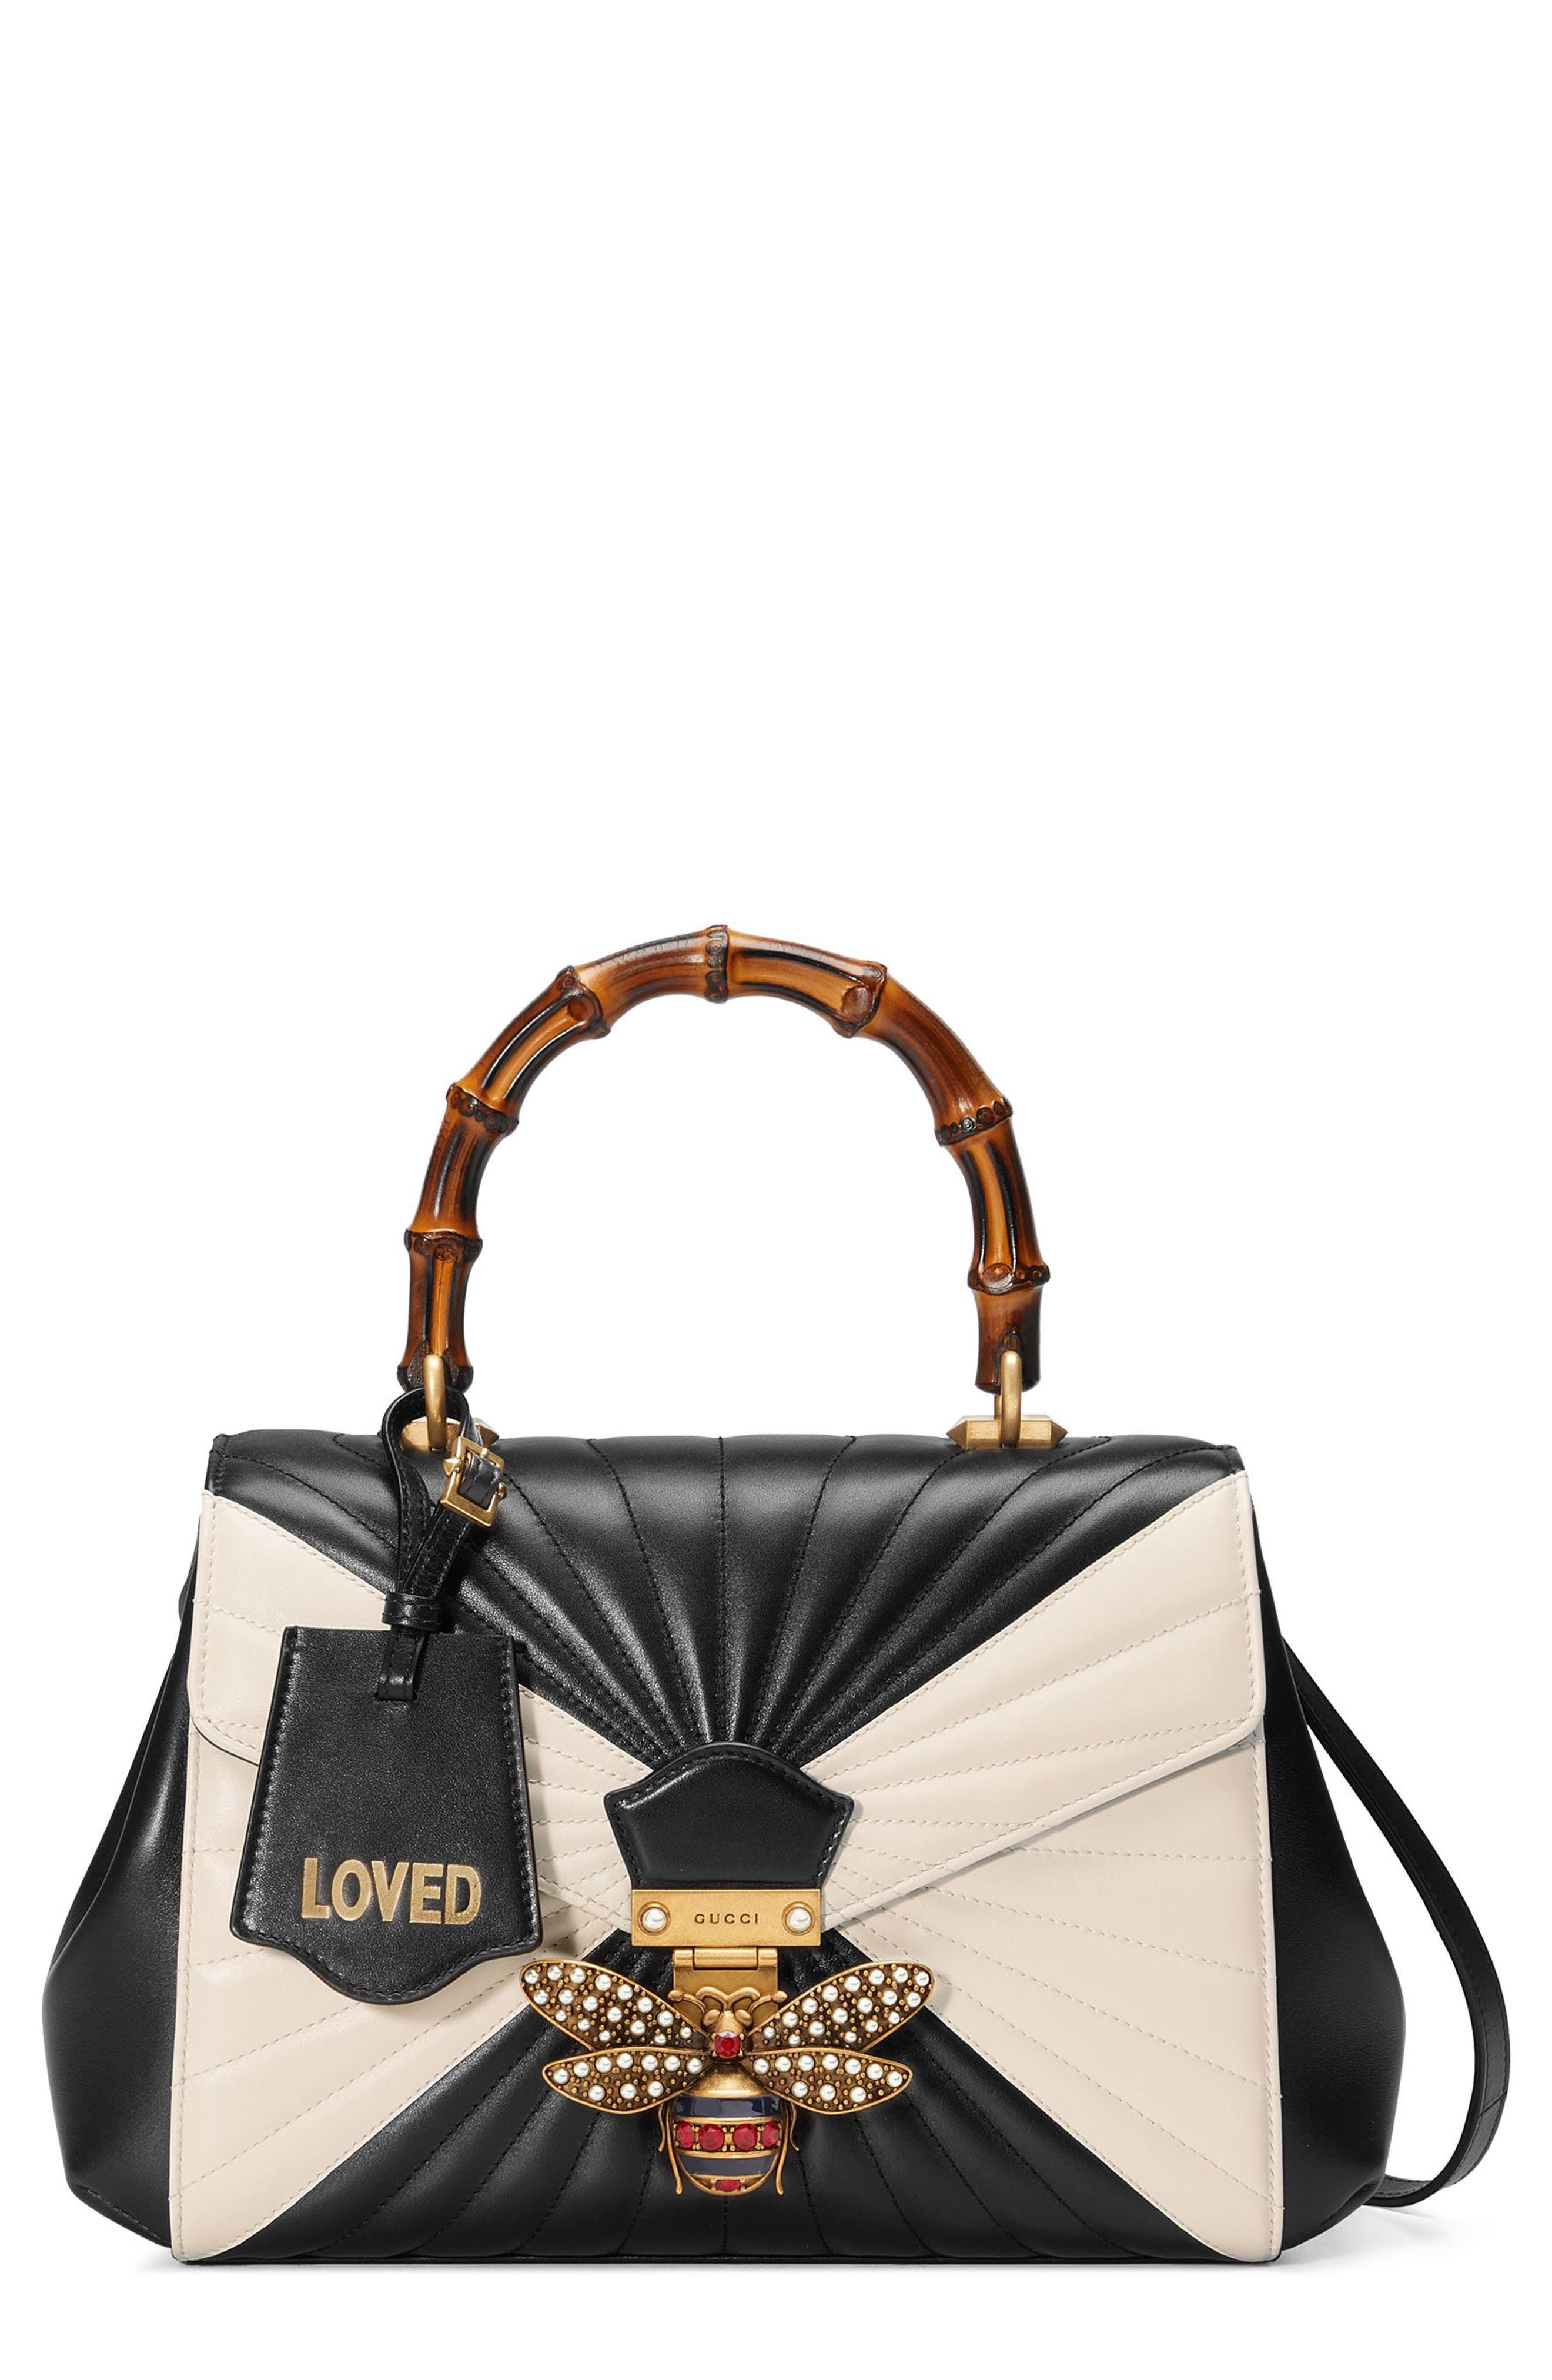 Gucci Queen Margaret Bee Matelassé Leather Top Handle Satchel